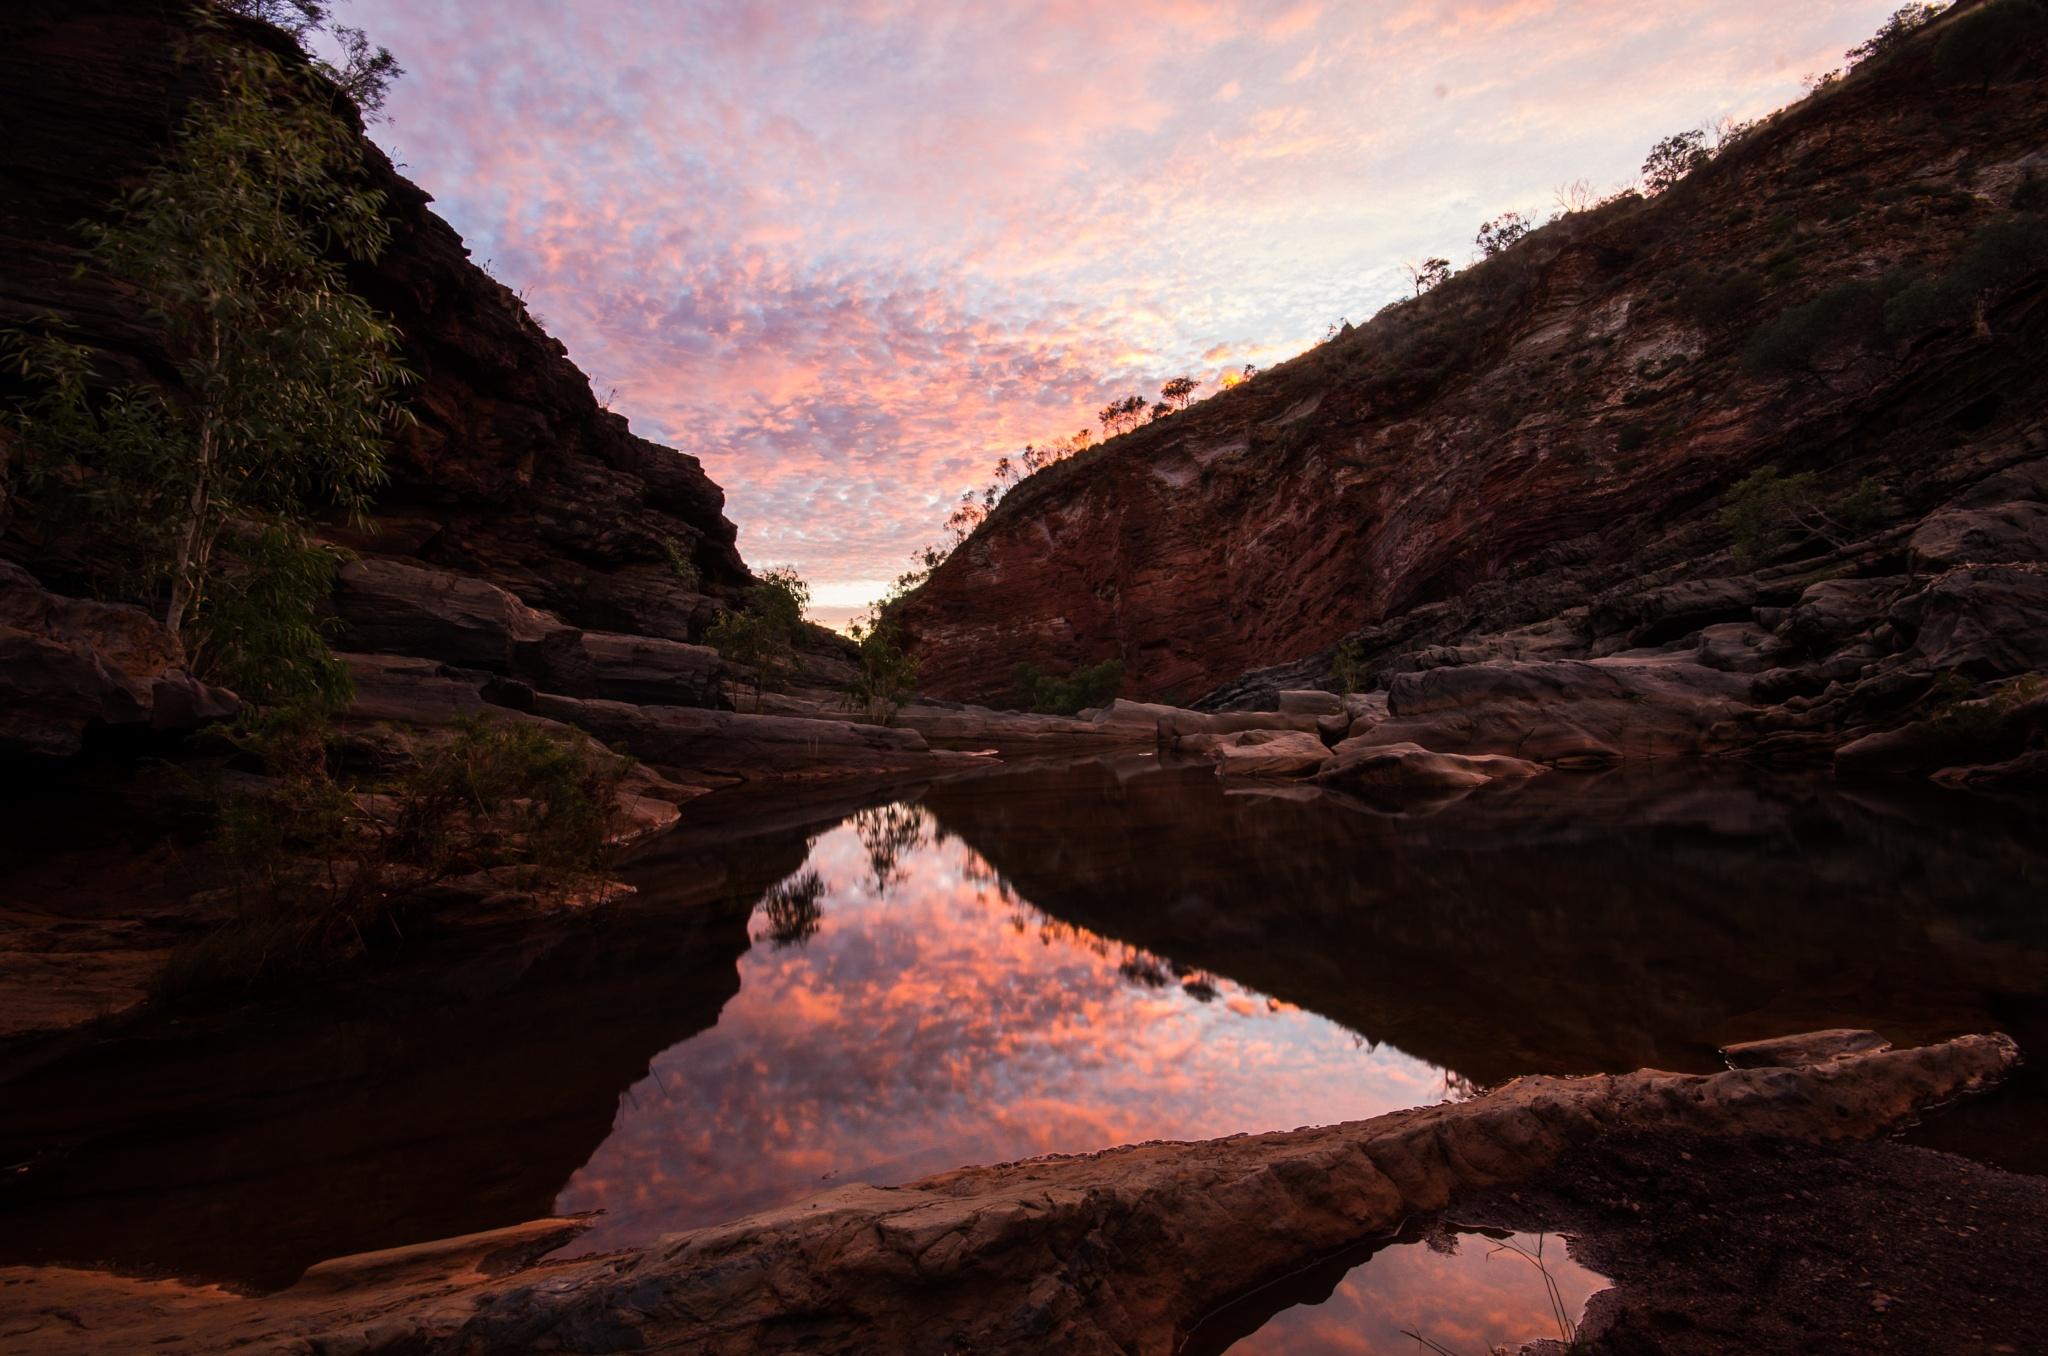 Sunrise reflection by Claudio Lo Cascio